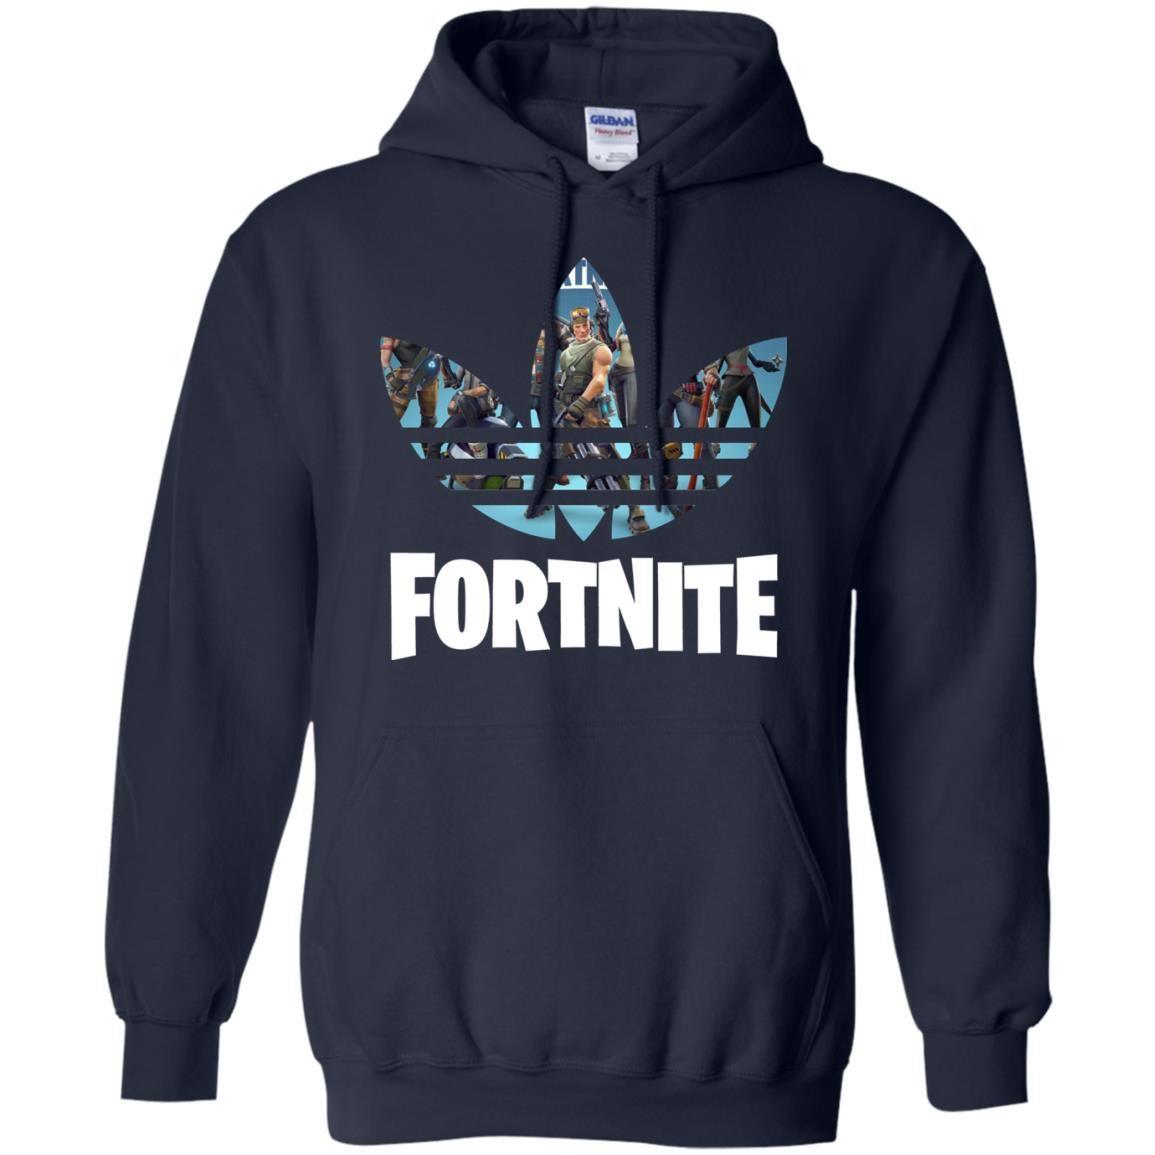 Adidas Fortnite addicted shirt, hoodie, sweater, sweatshirt